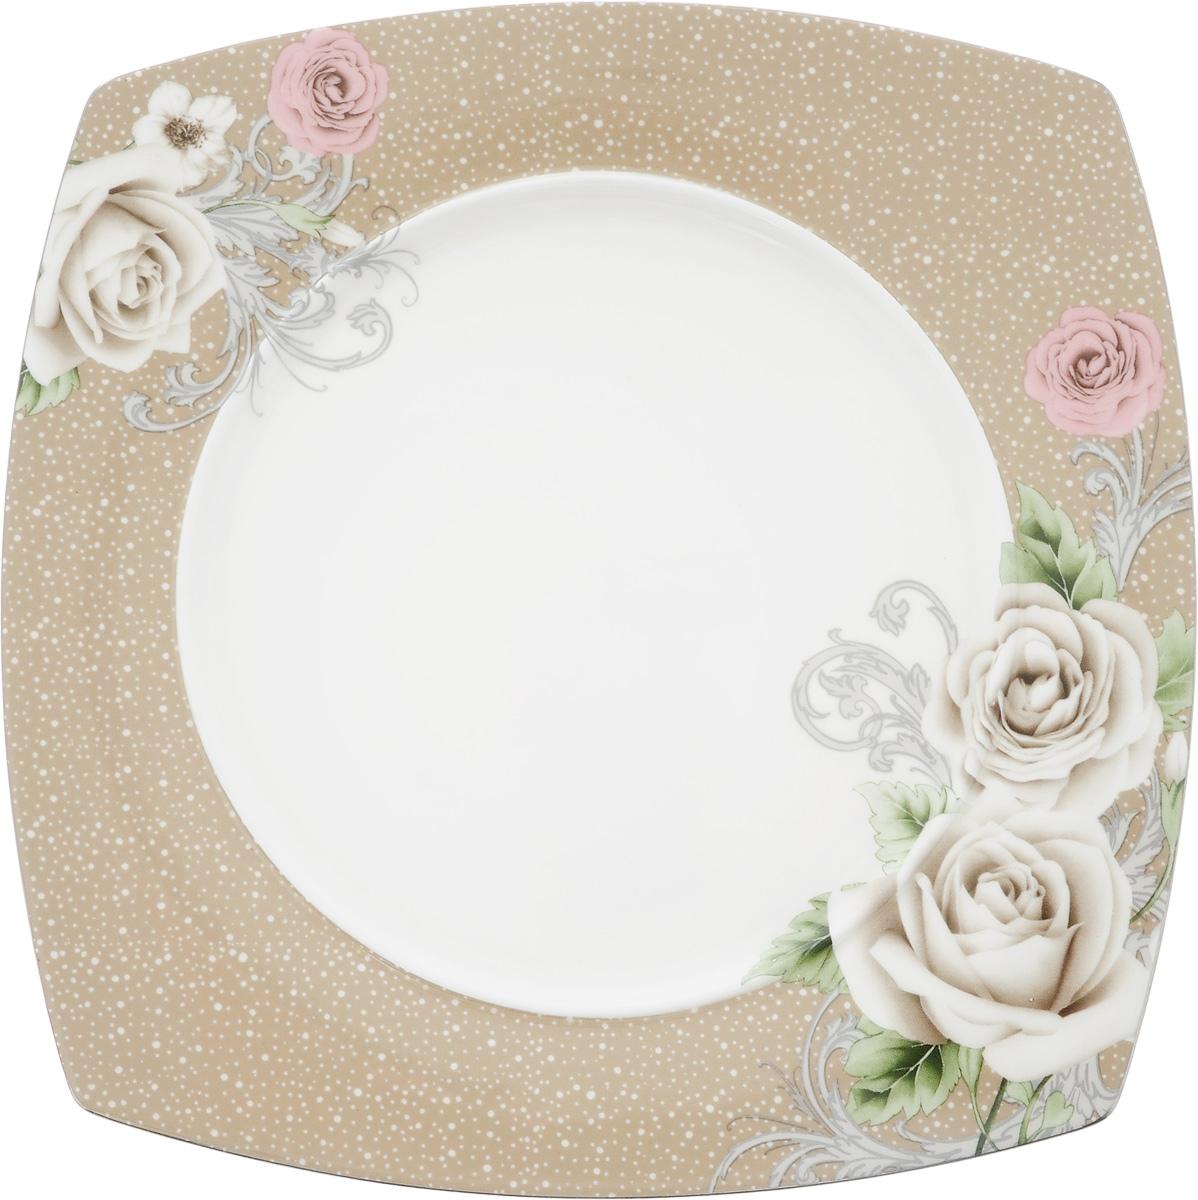 Тарелка Florance, 20 x 20 см83-070-Ф210_рубиновыйТарелка Florance изготовлена из качественного фарфора. Изделие декорировано цветочным рисунком. Такая тарелка отлично подойдет в качестве блюда для сервировки закусок и нарезок, ее также можно использовать как обеденную.